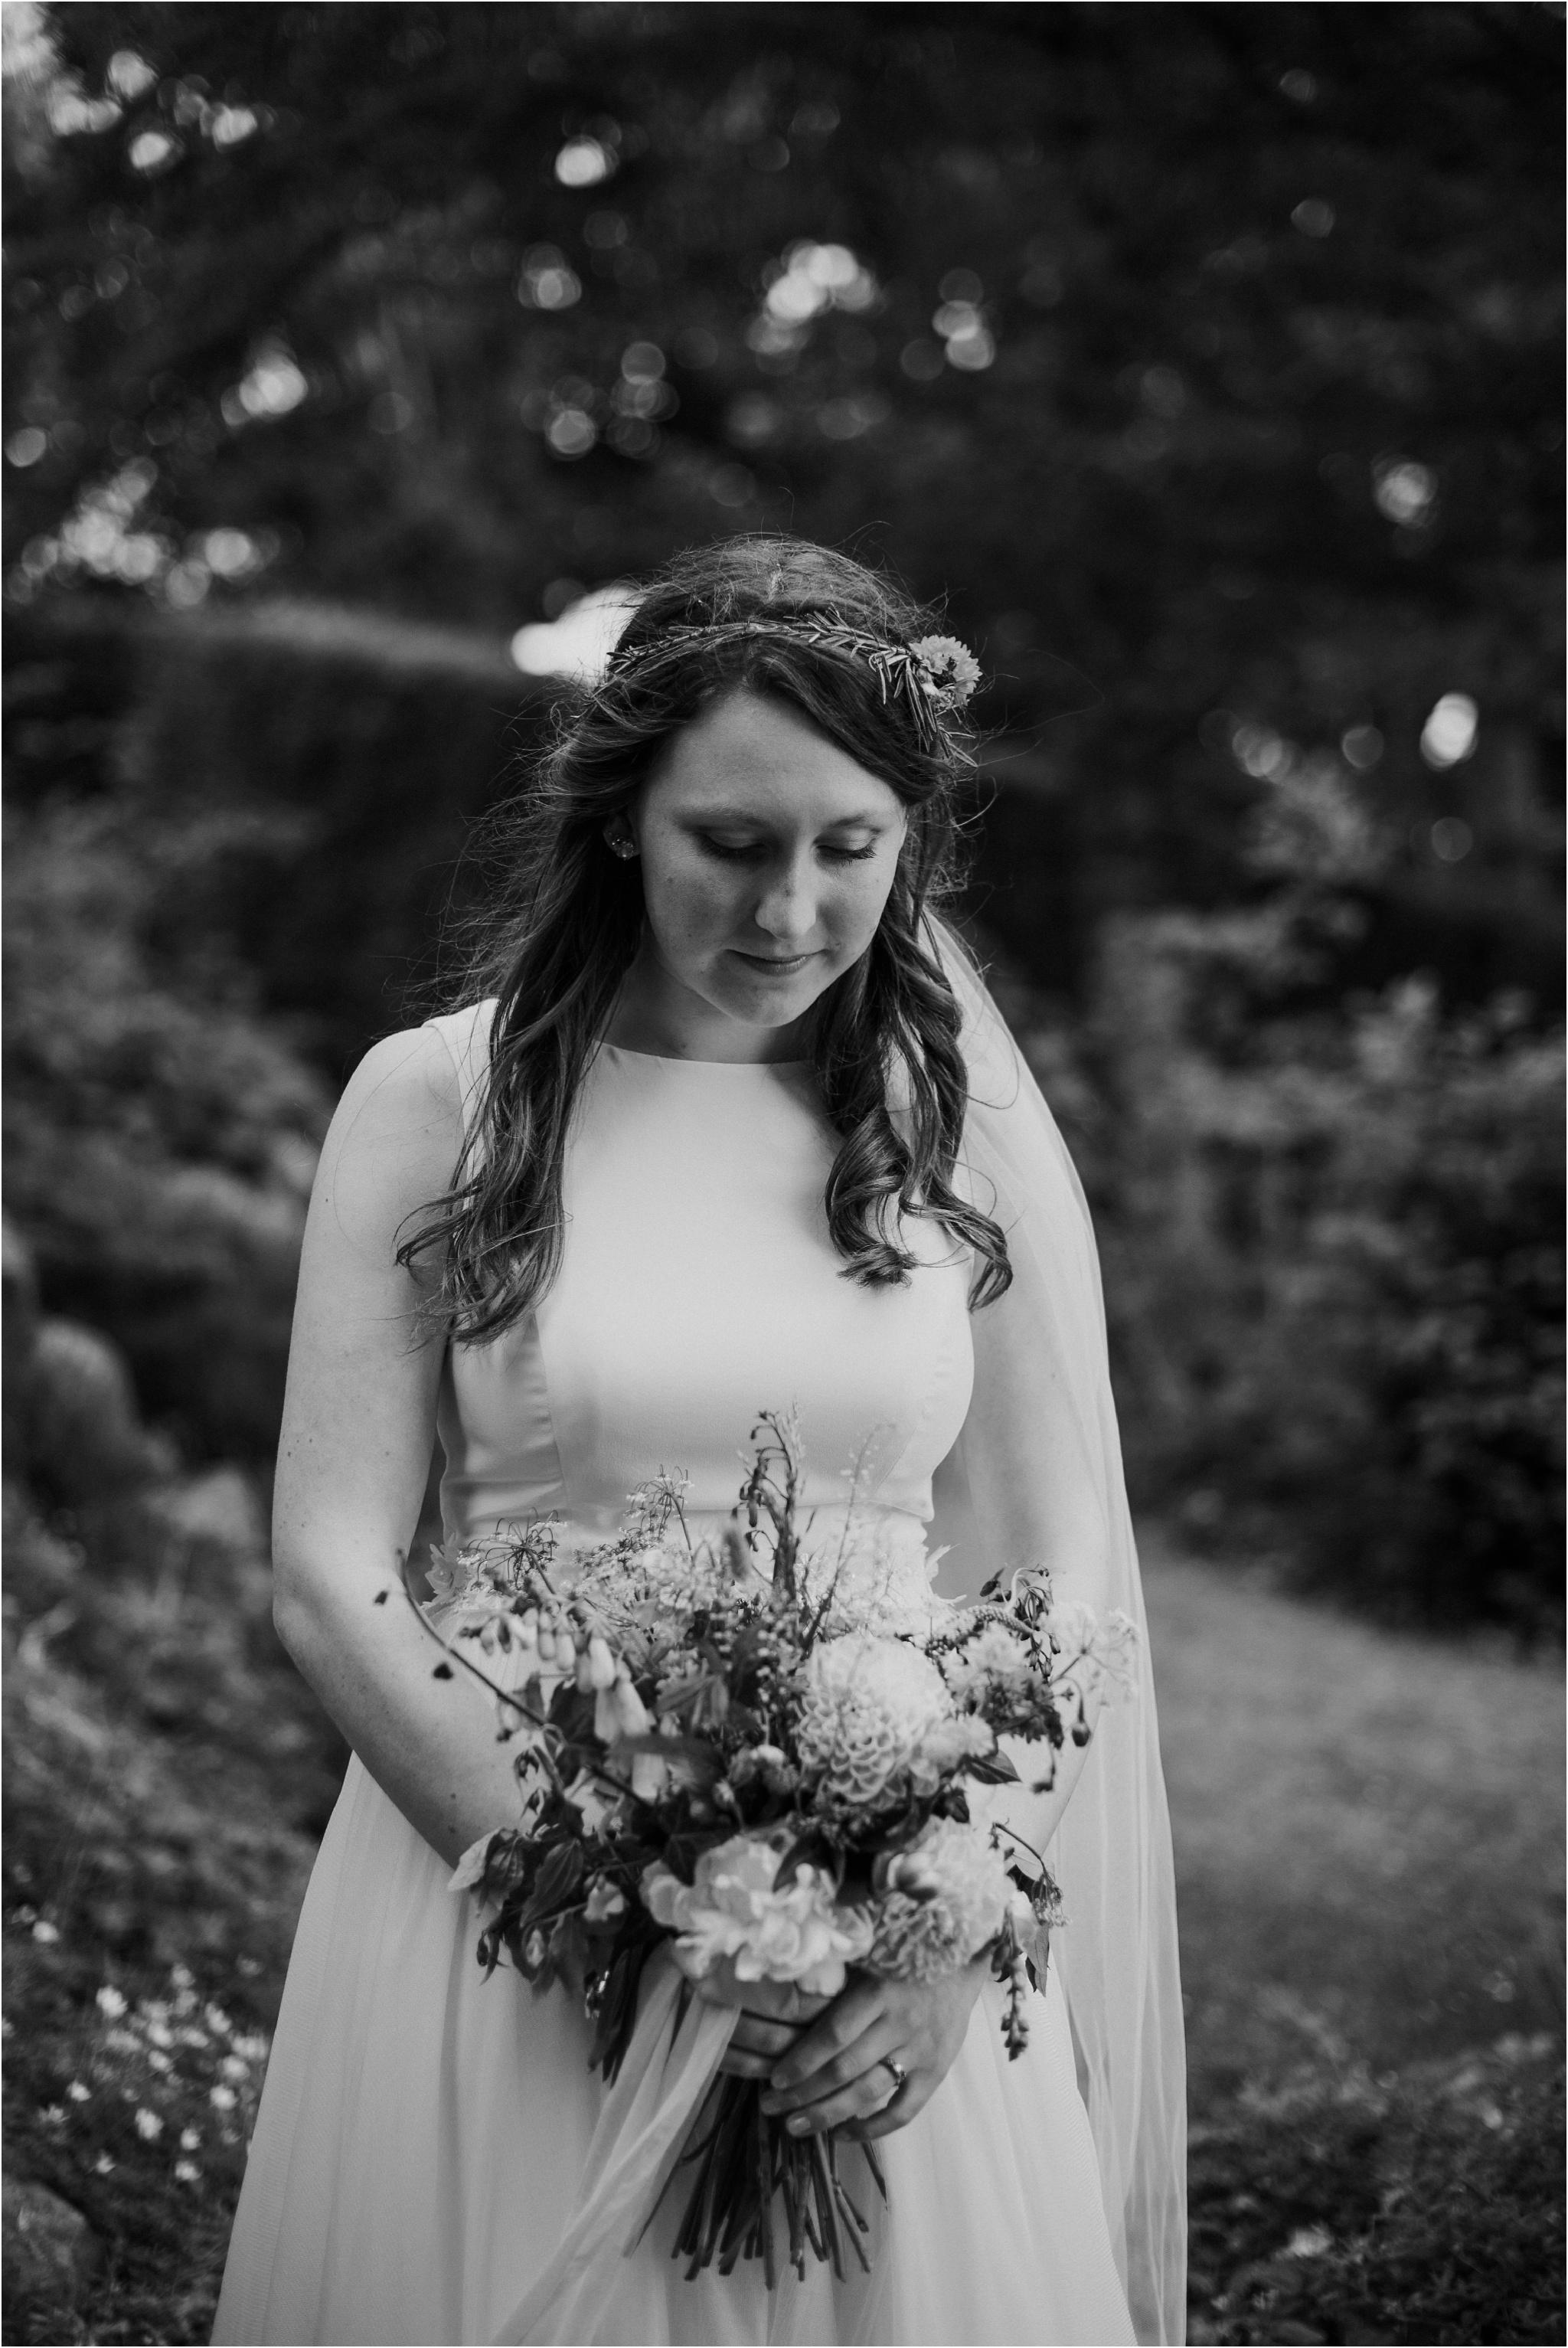 Edinburgh-barn-wedding-photographer_72.jpg